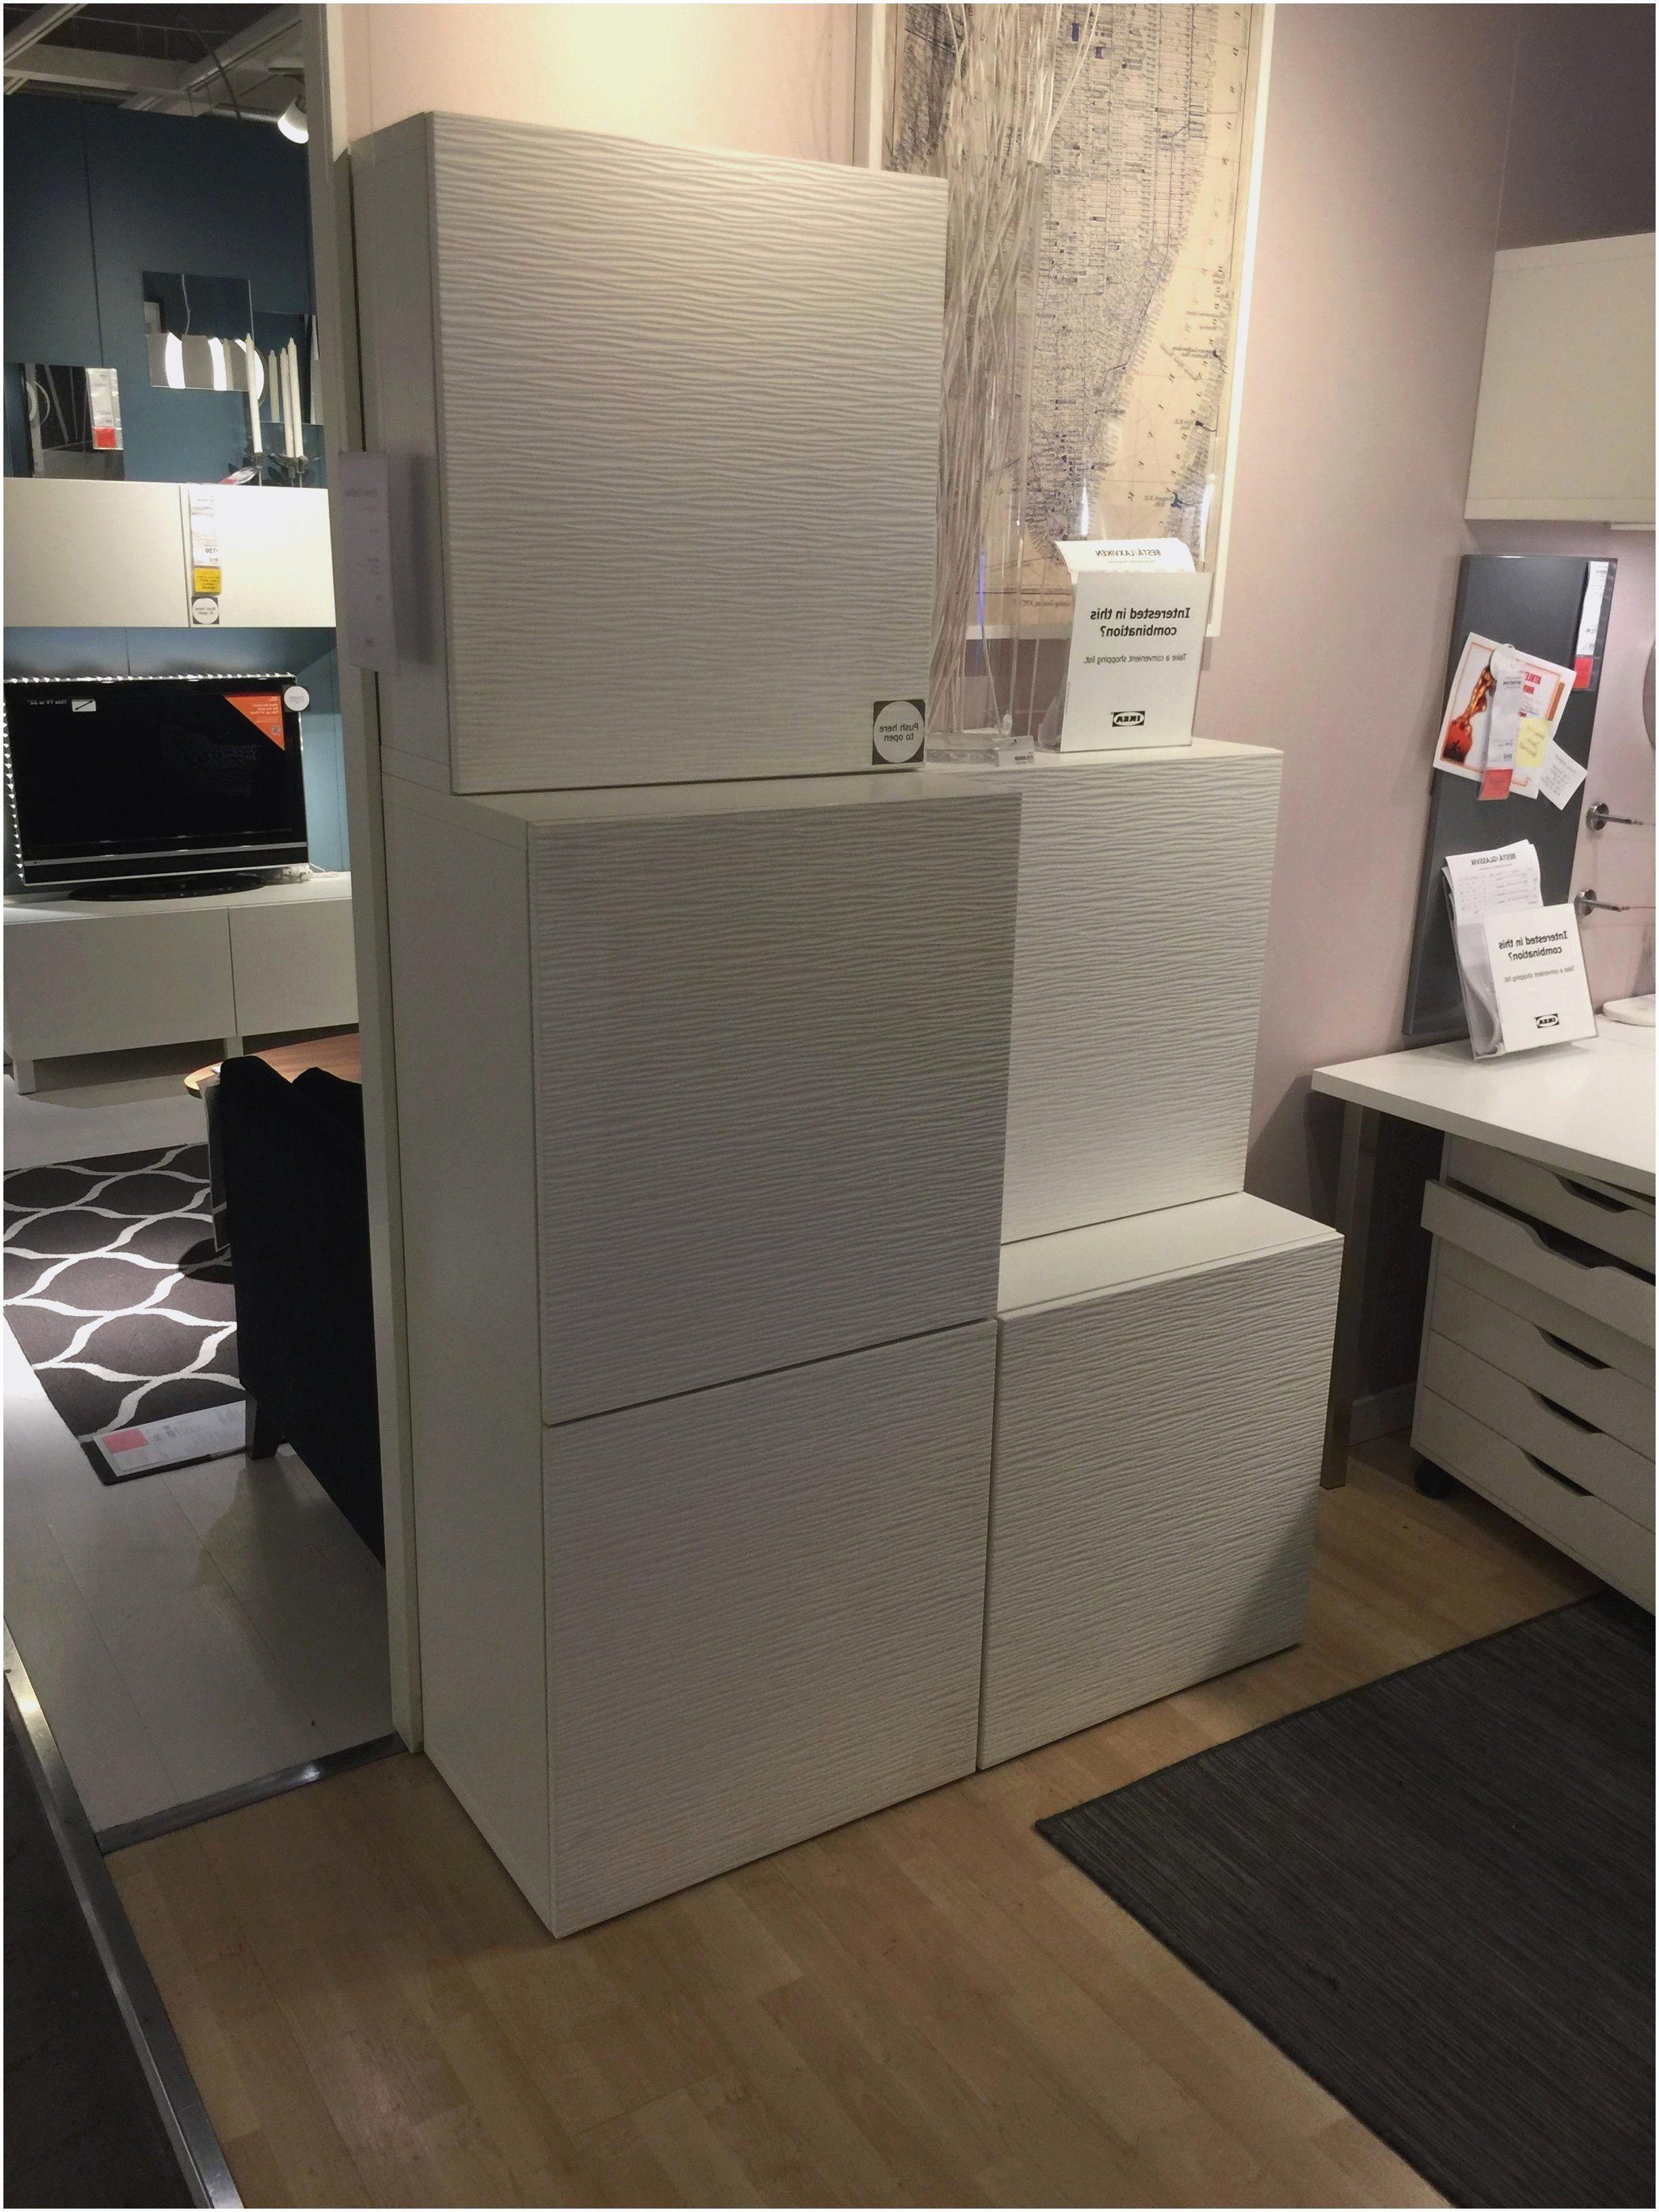 Lit Relevable Ikea Charmant Armoire Lit Escamotable Ikea S De Produit Lits Escamotables